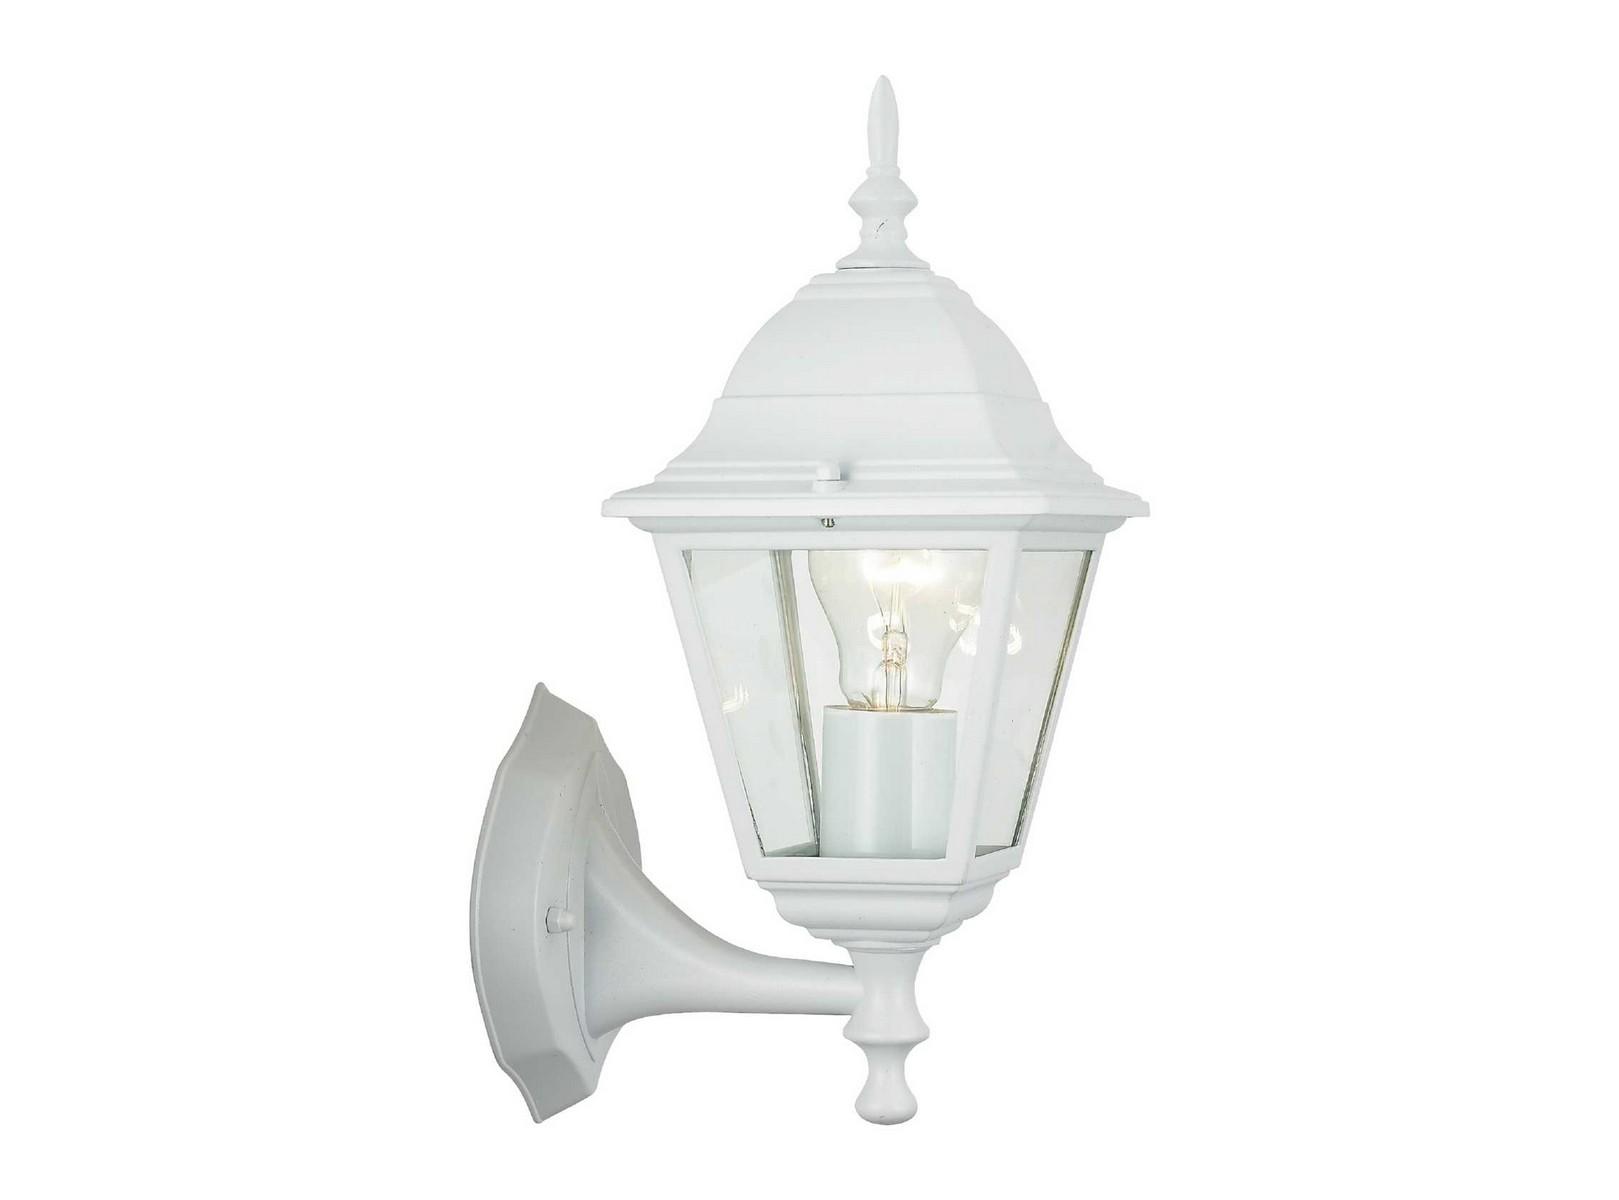 Светильник уличный NEWPORTУличные настенные светильники<br>&amp;lt;div&amp;gt;Вид цоколя: Е27&amp;lt;/div&amp;gt;&amp;lt;div&amp;gt;Мощность лампы: 60W&amp;lt;/div&amp;gt;&amp;lt;div&amp;gt;Количество ламп: 1&amp;lt;/div&amp;gt;&amp;lt;div&amp;gt;Наличие ламп: нет&amp;lt;/div&amp;gt;<br><br>Material: Стекло<br>Ширина см: 16<br>Высота см: 34<br>Глубина см: 22